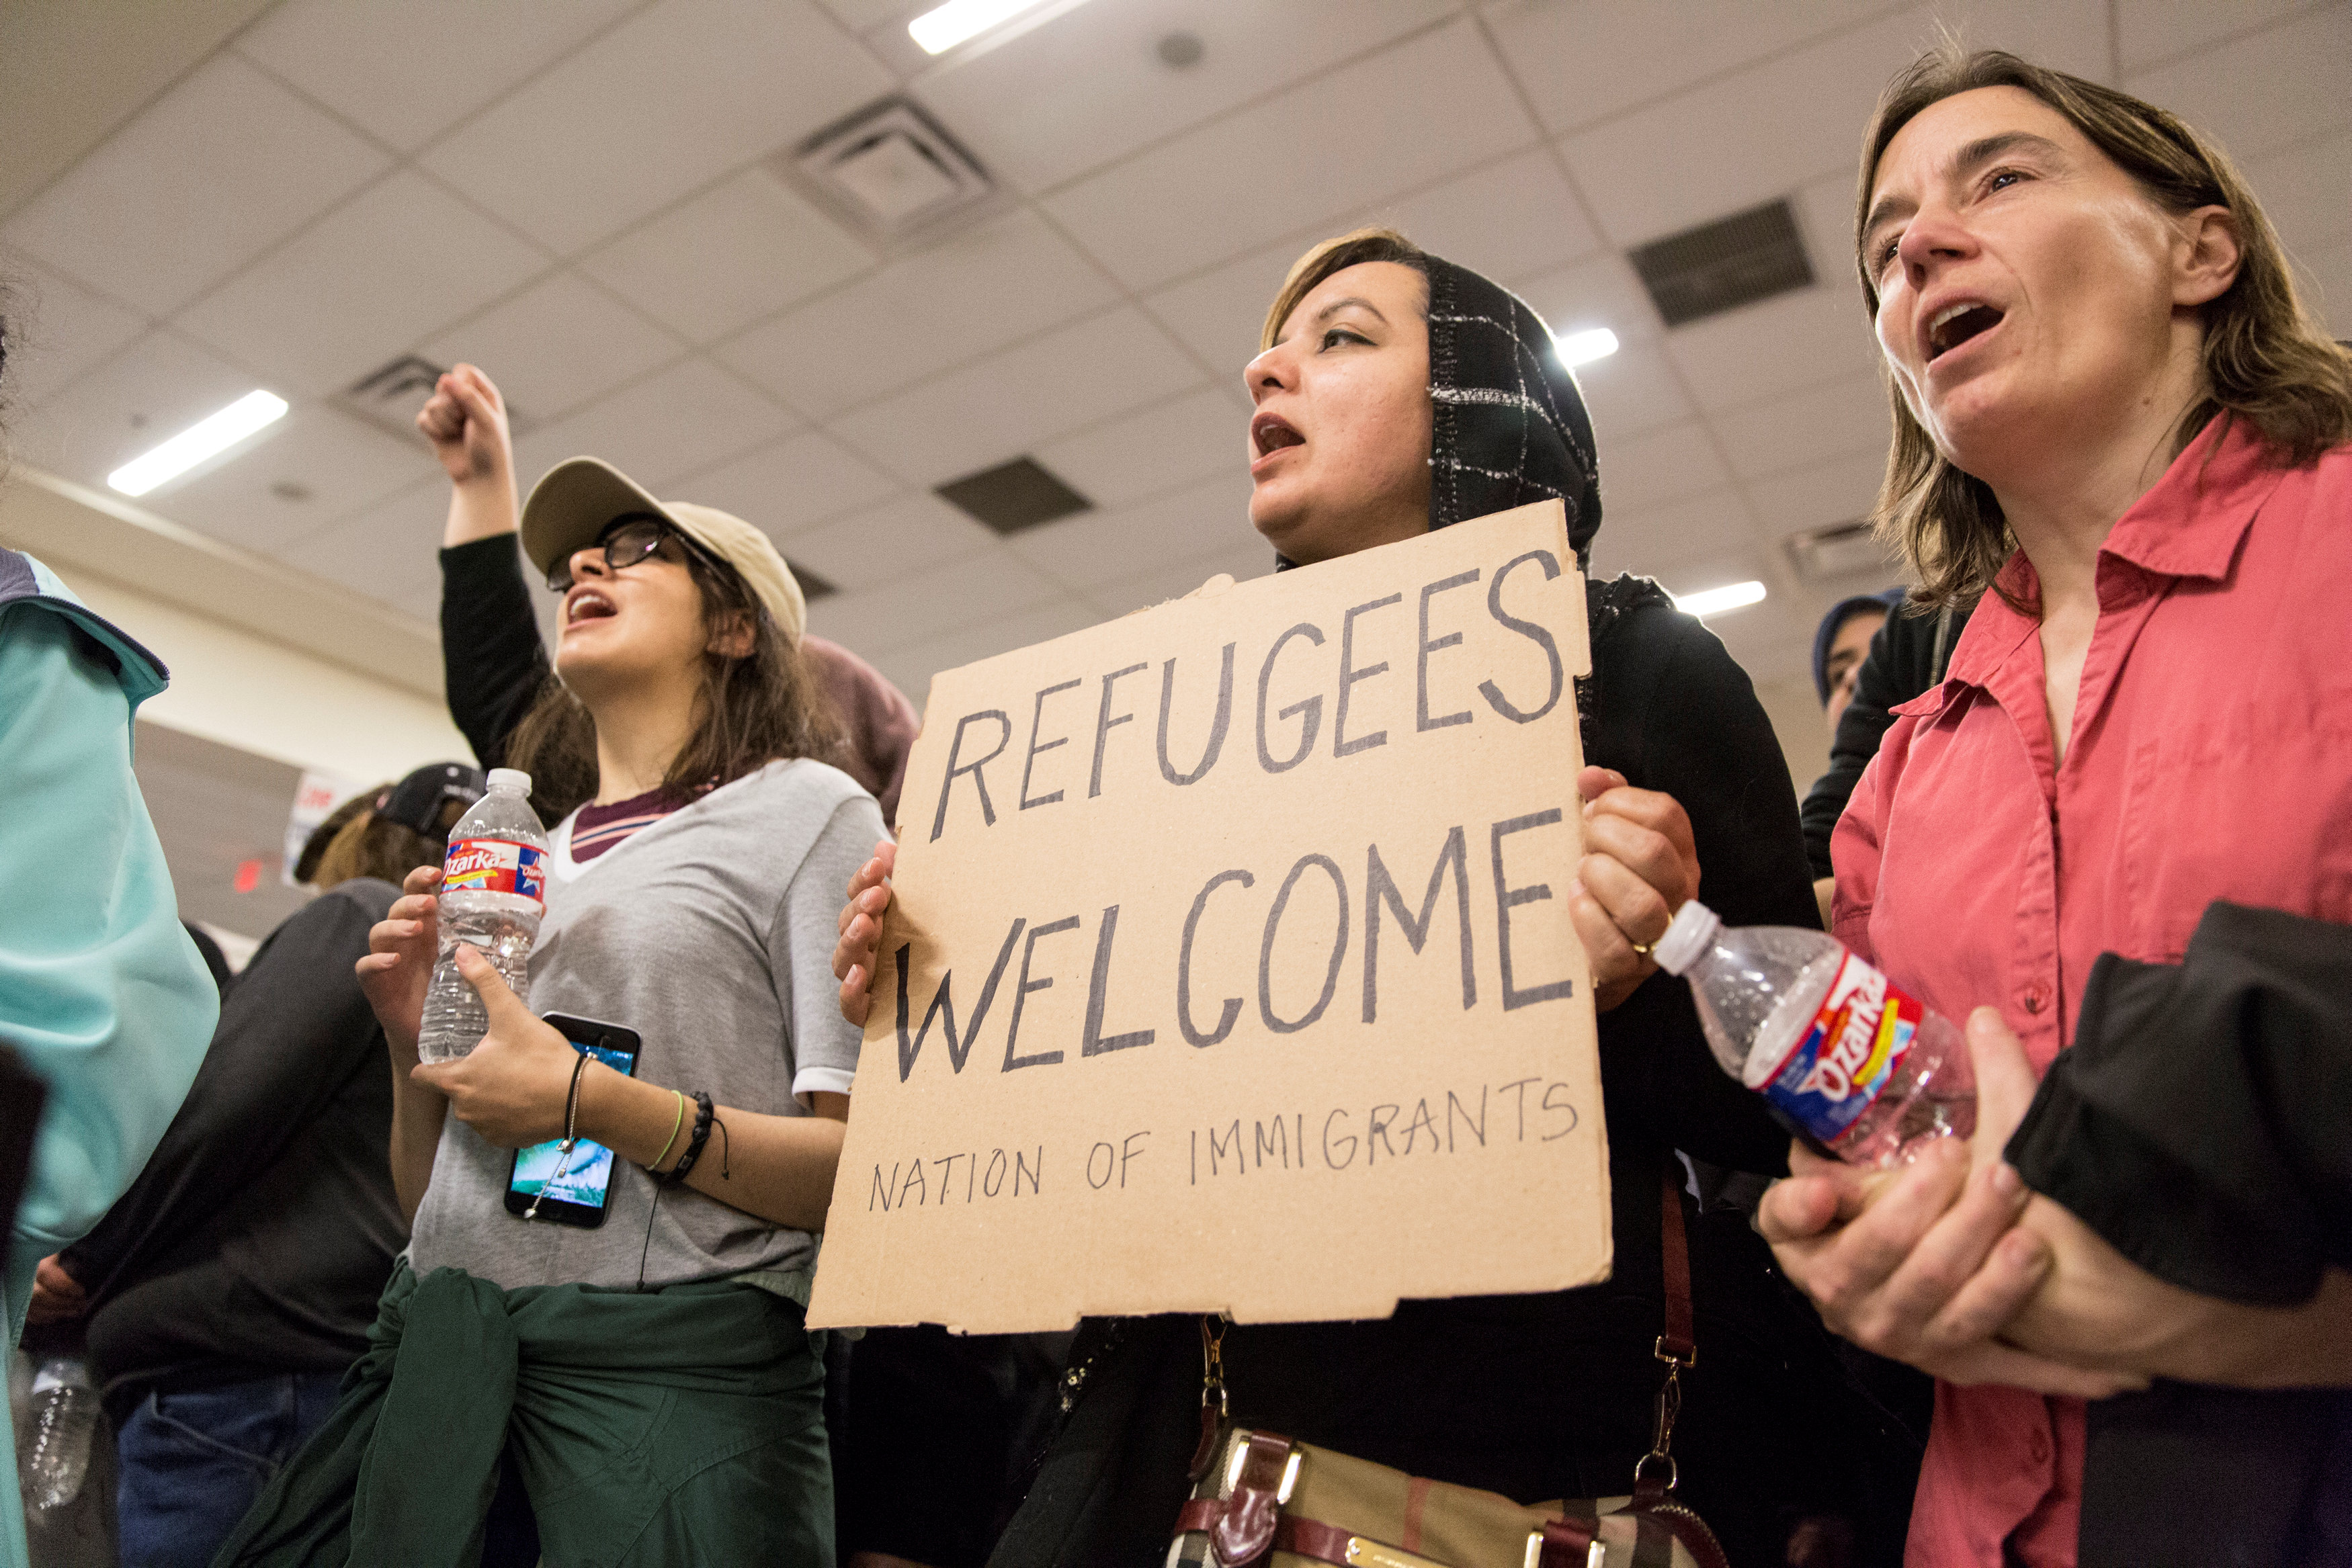 فوضى فى المطارات بسبب قرار ترامب